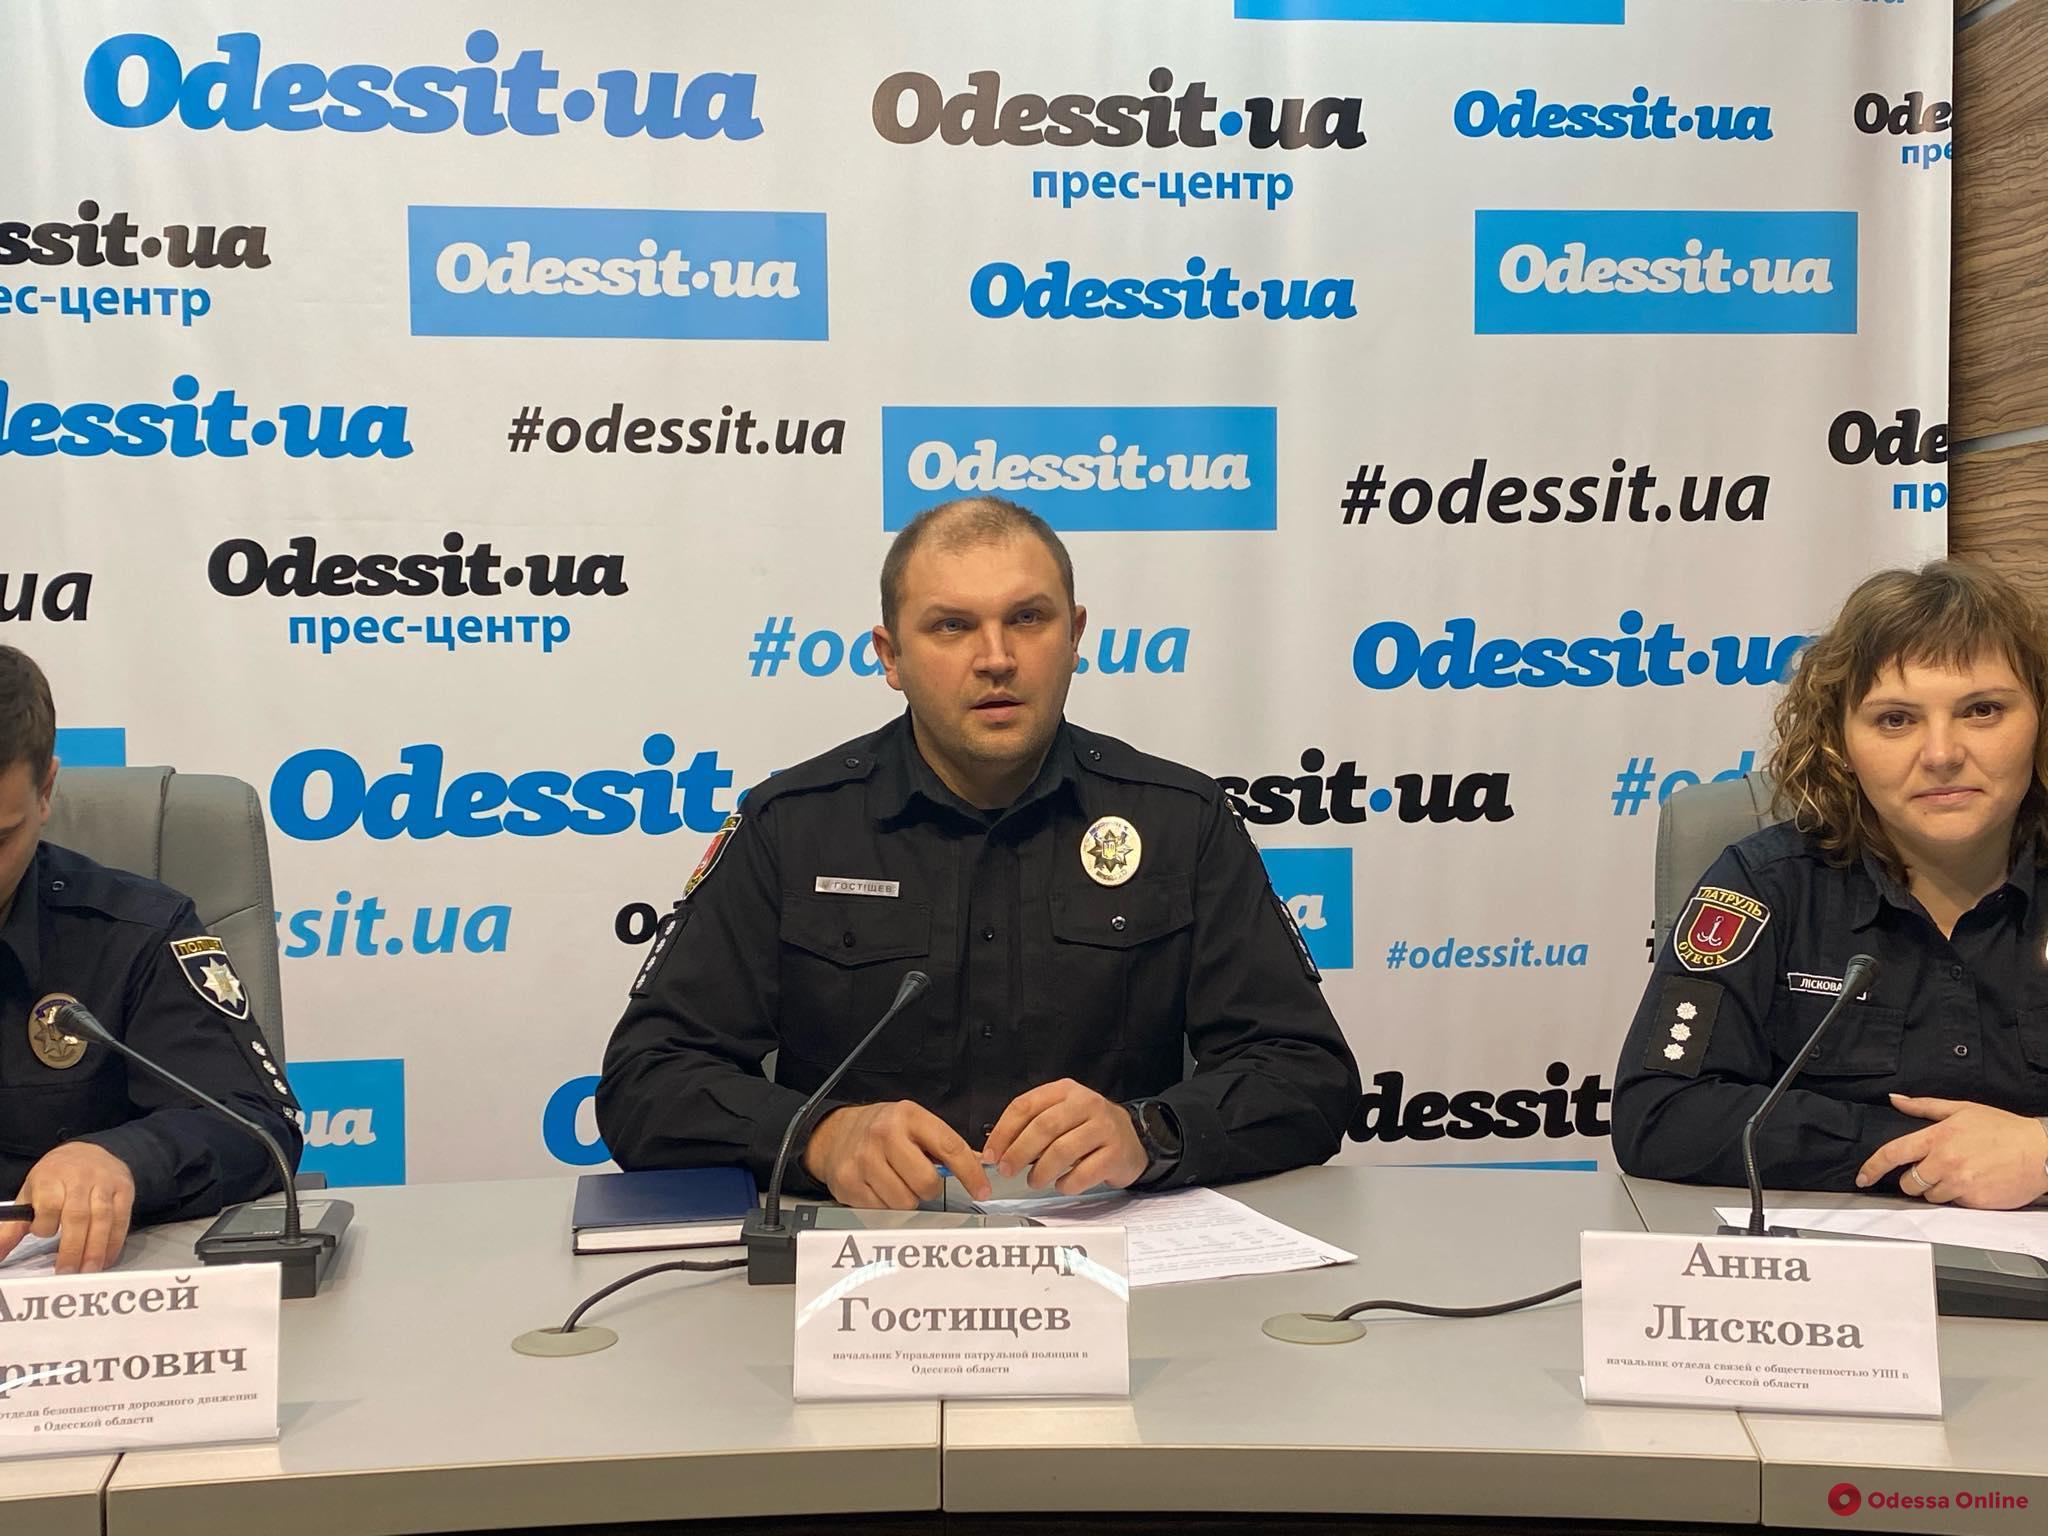 За год в Одессе и области произошло более 13,5 тысячи ДТП